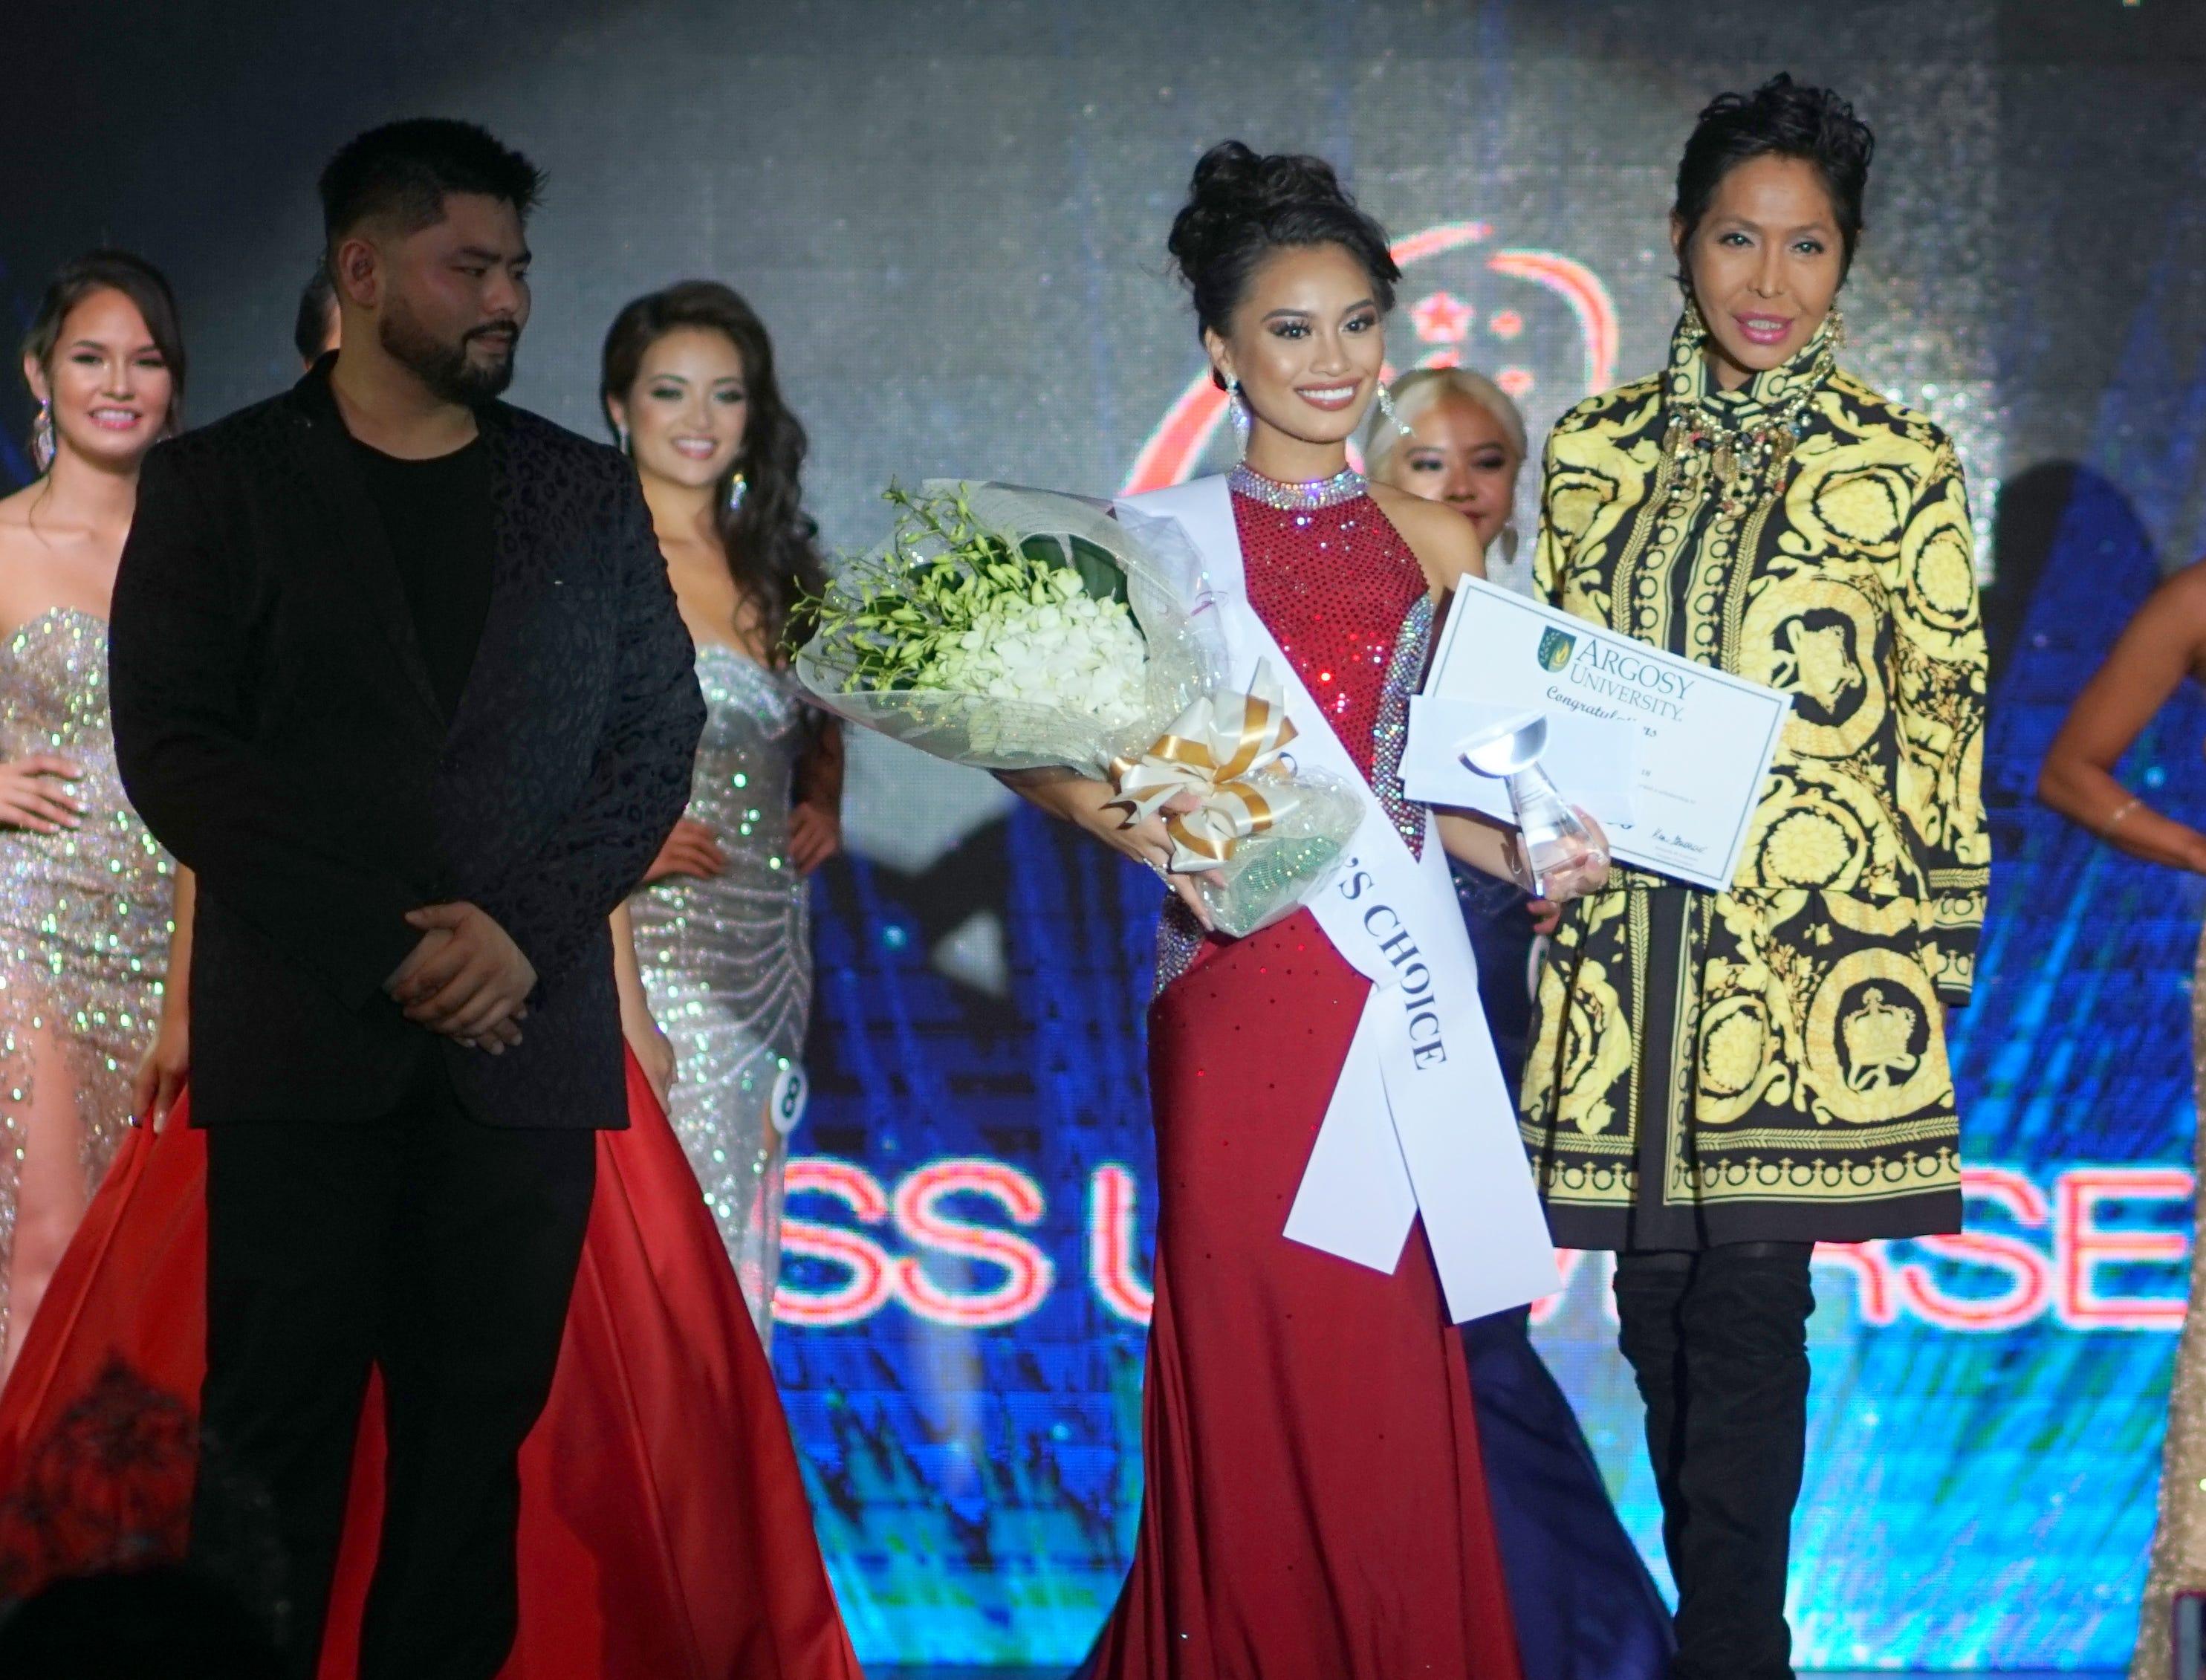 Contestant 9 Celine Nicole Almero Comia wins the Special Cecilia Bamba award during the Miss Universe Guam 2018 pageant held at Sheraton Laguna Guam Resort.